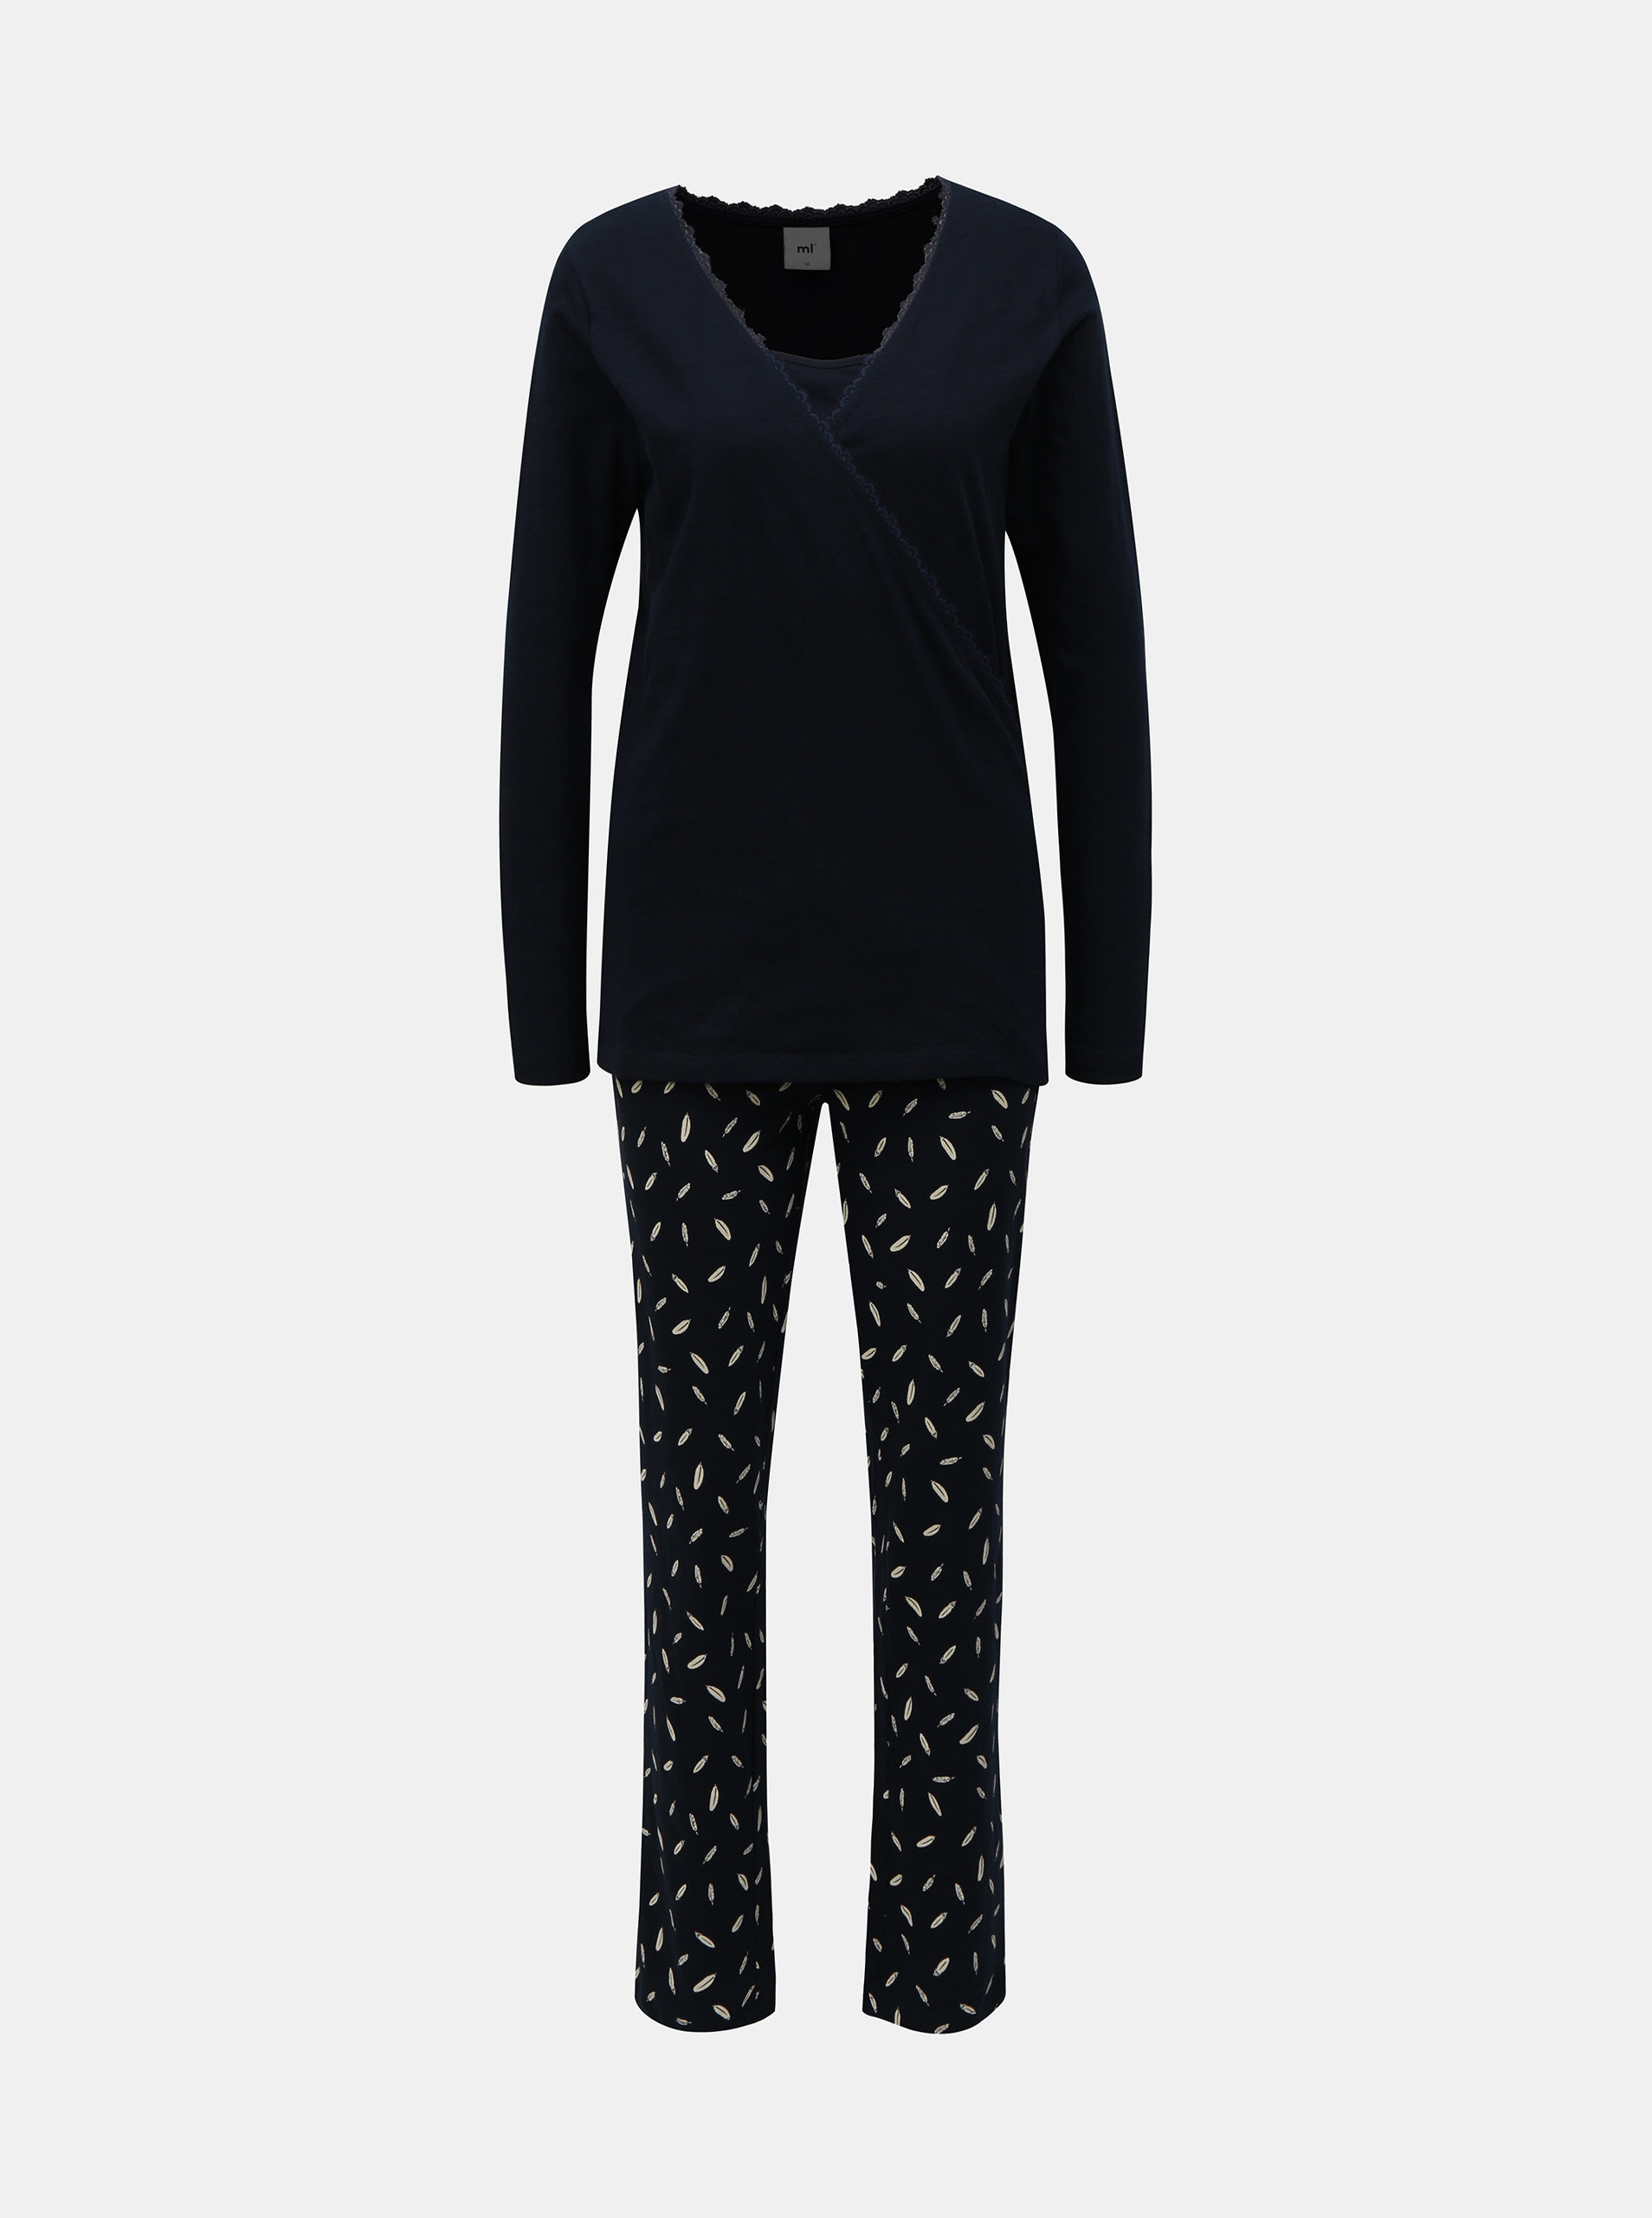 Tmavě modré těhotenské/kojicí dvoudílné pyžamo Mama.licious